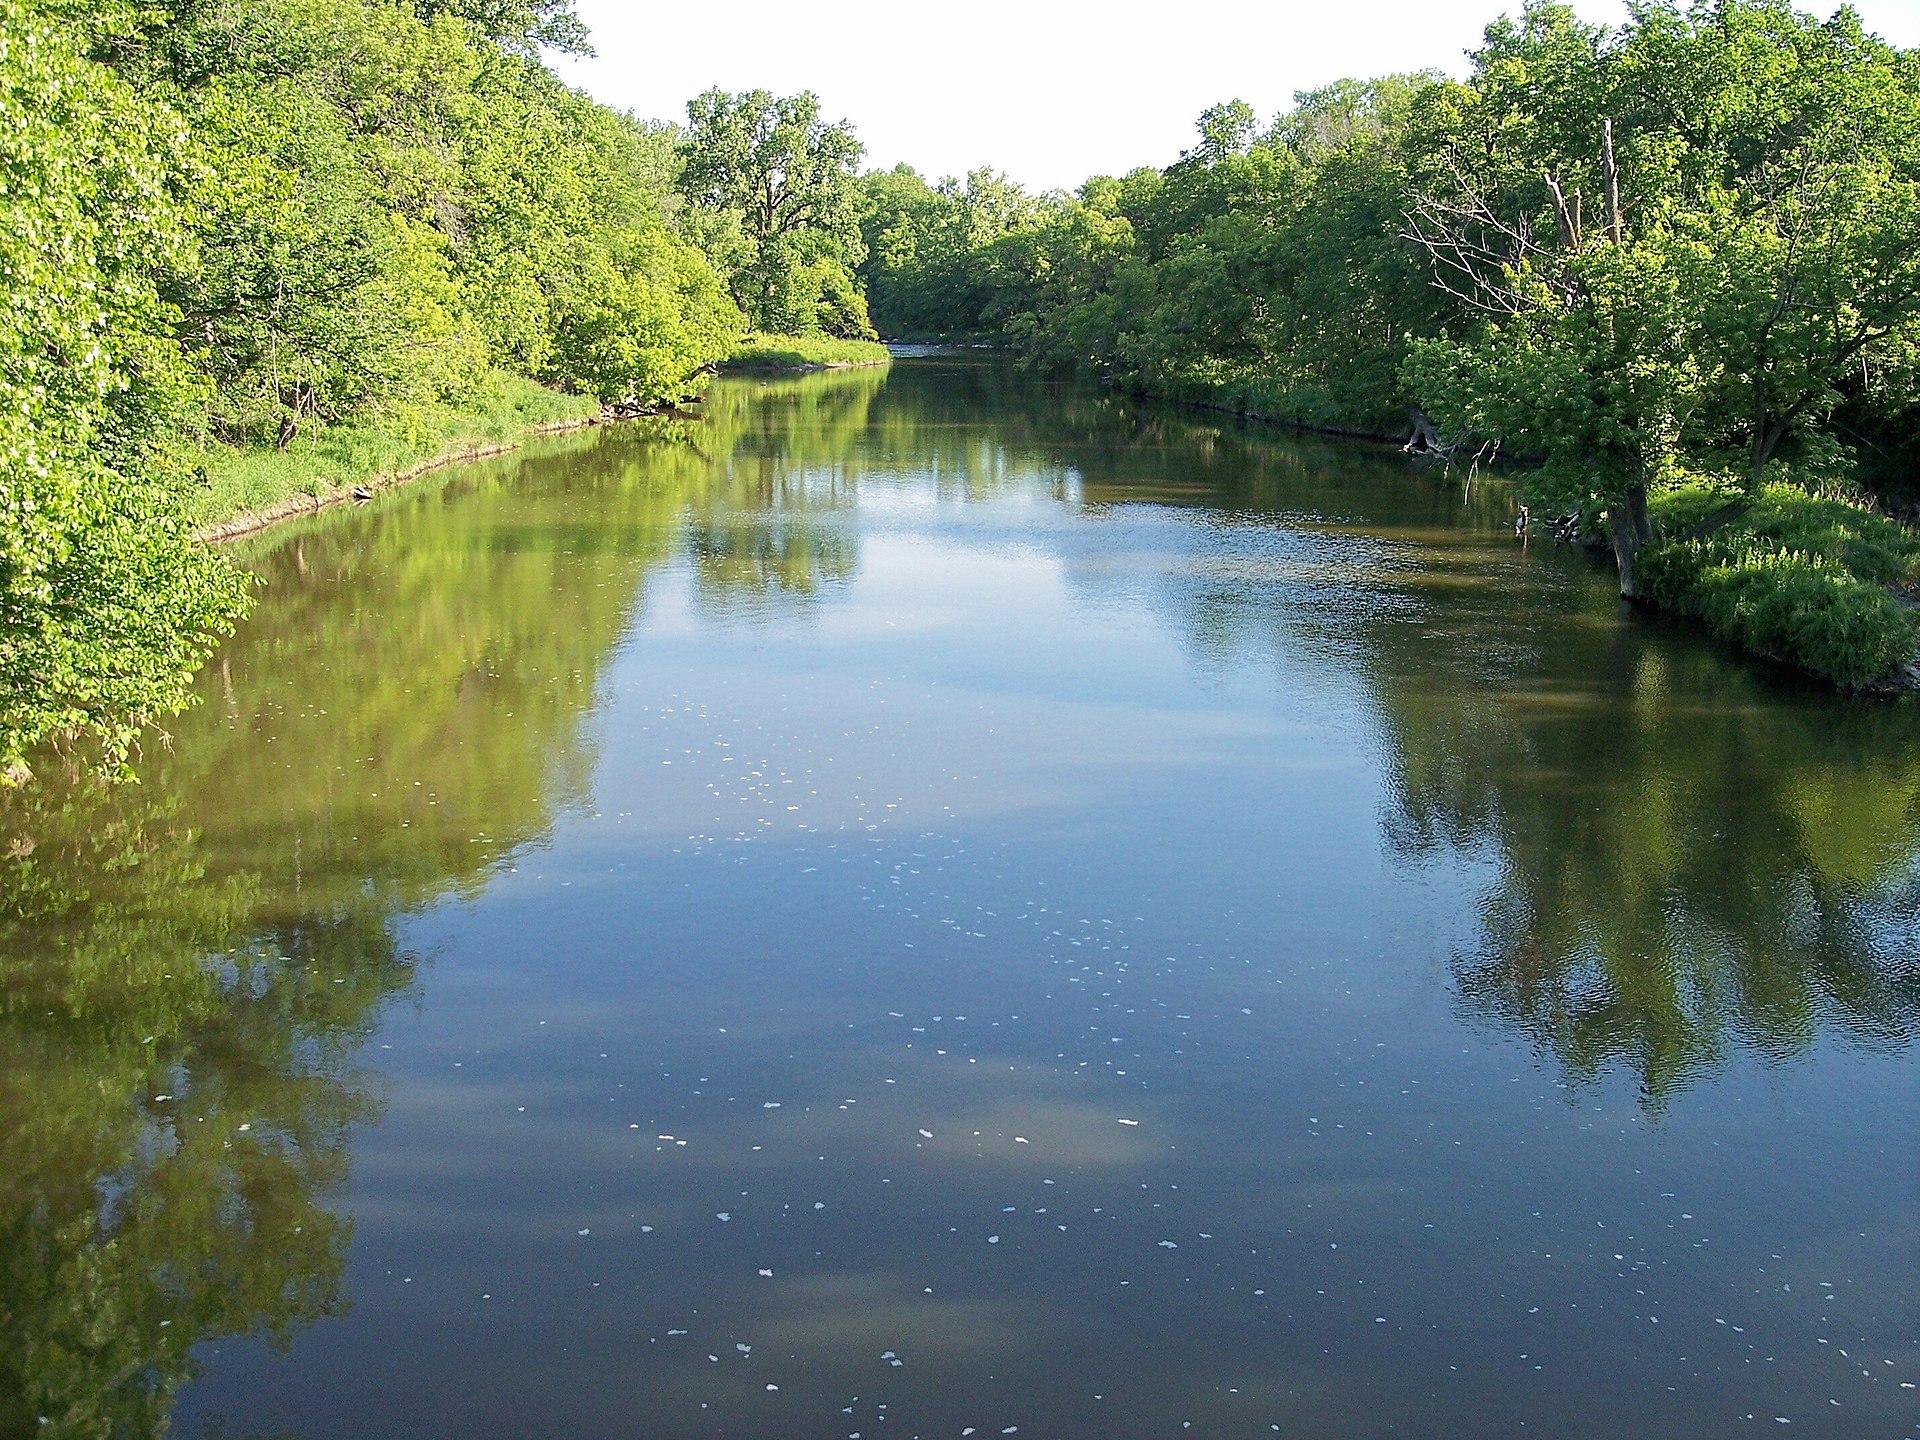 Yellow Medicine River - Wikipedia